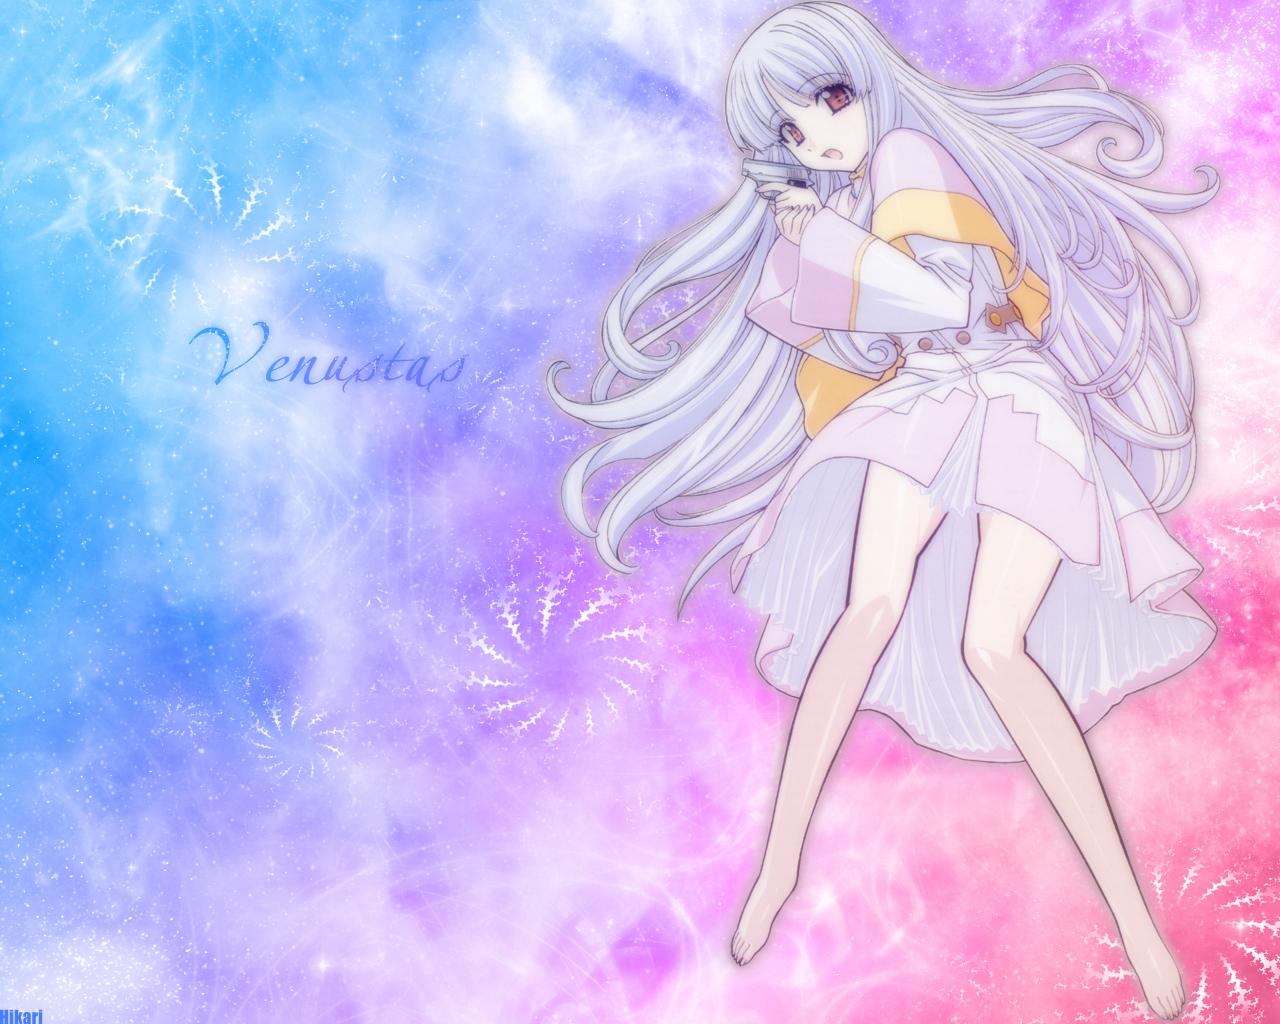 Venustas